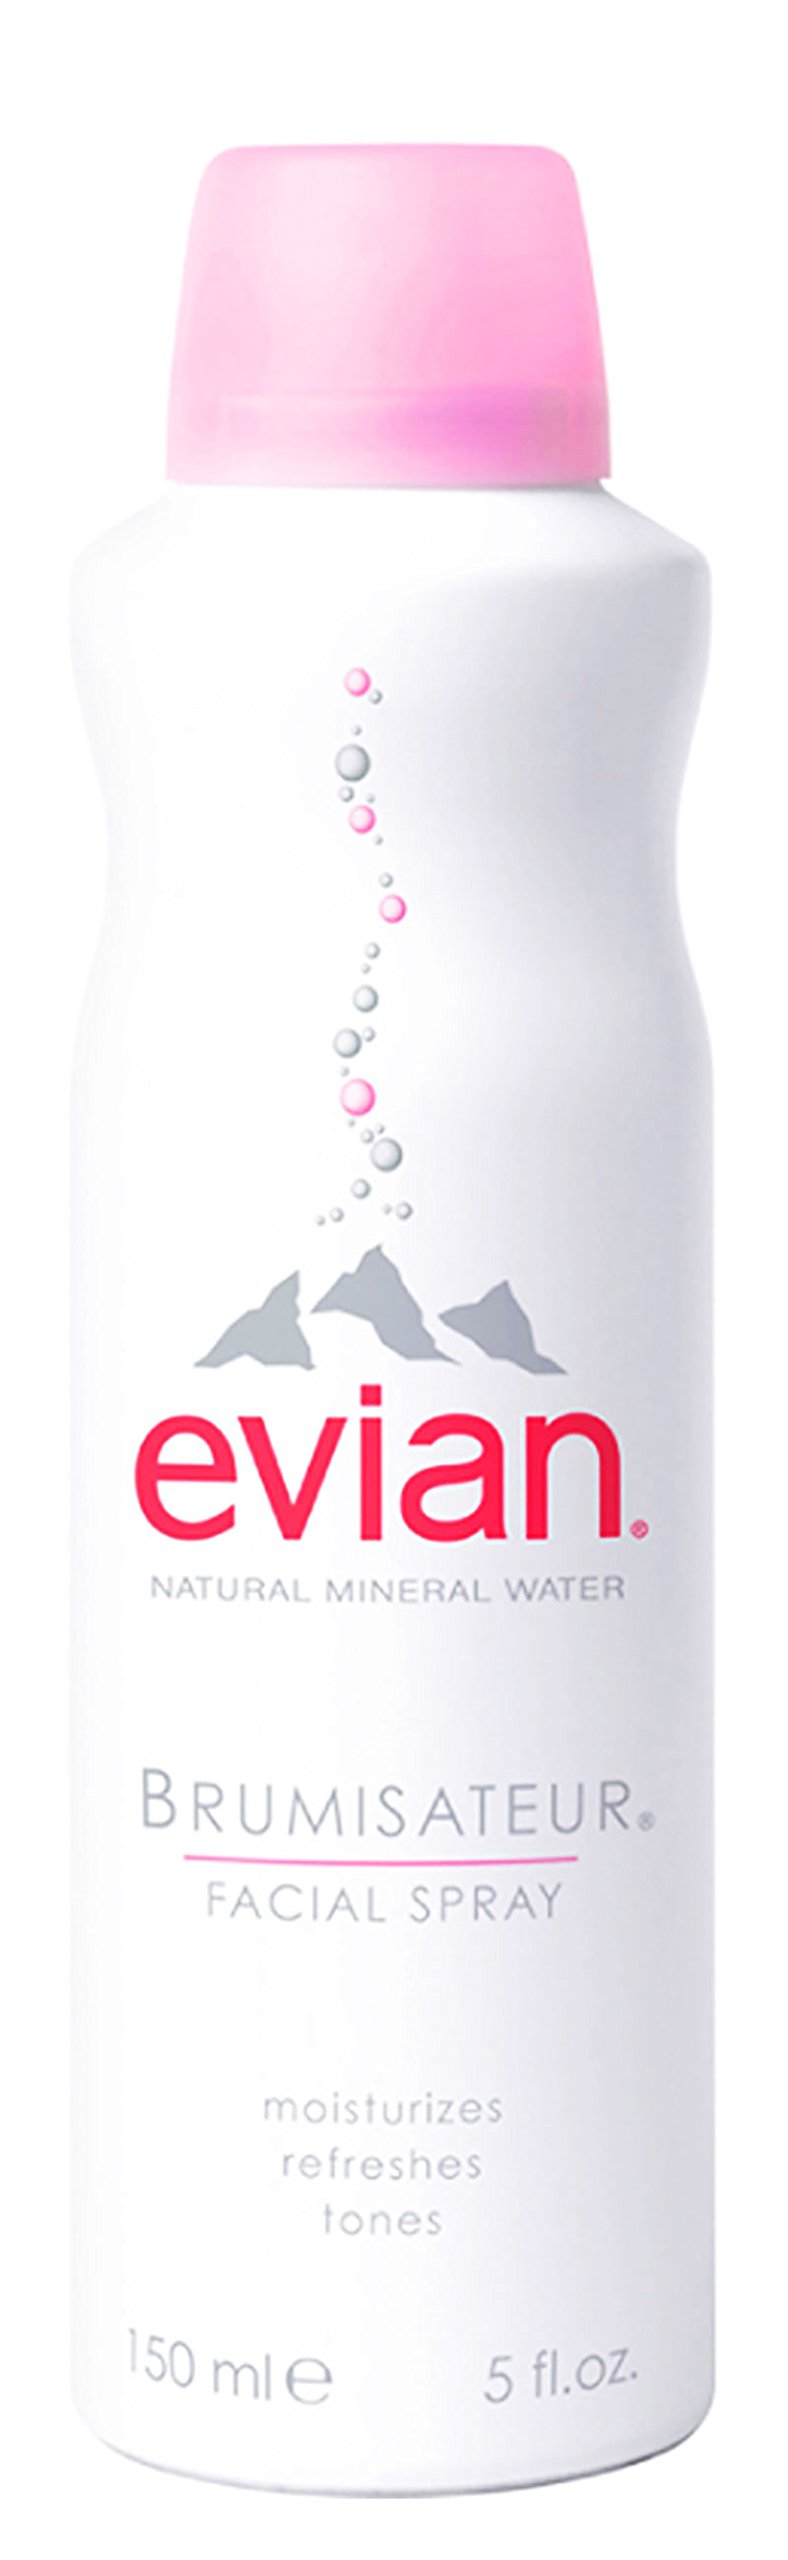 evian Natural Mineral Water Facial Spray, 5 oz.